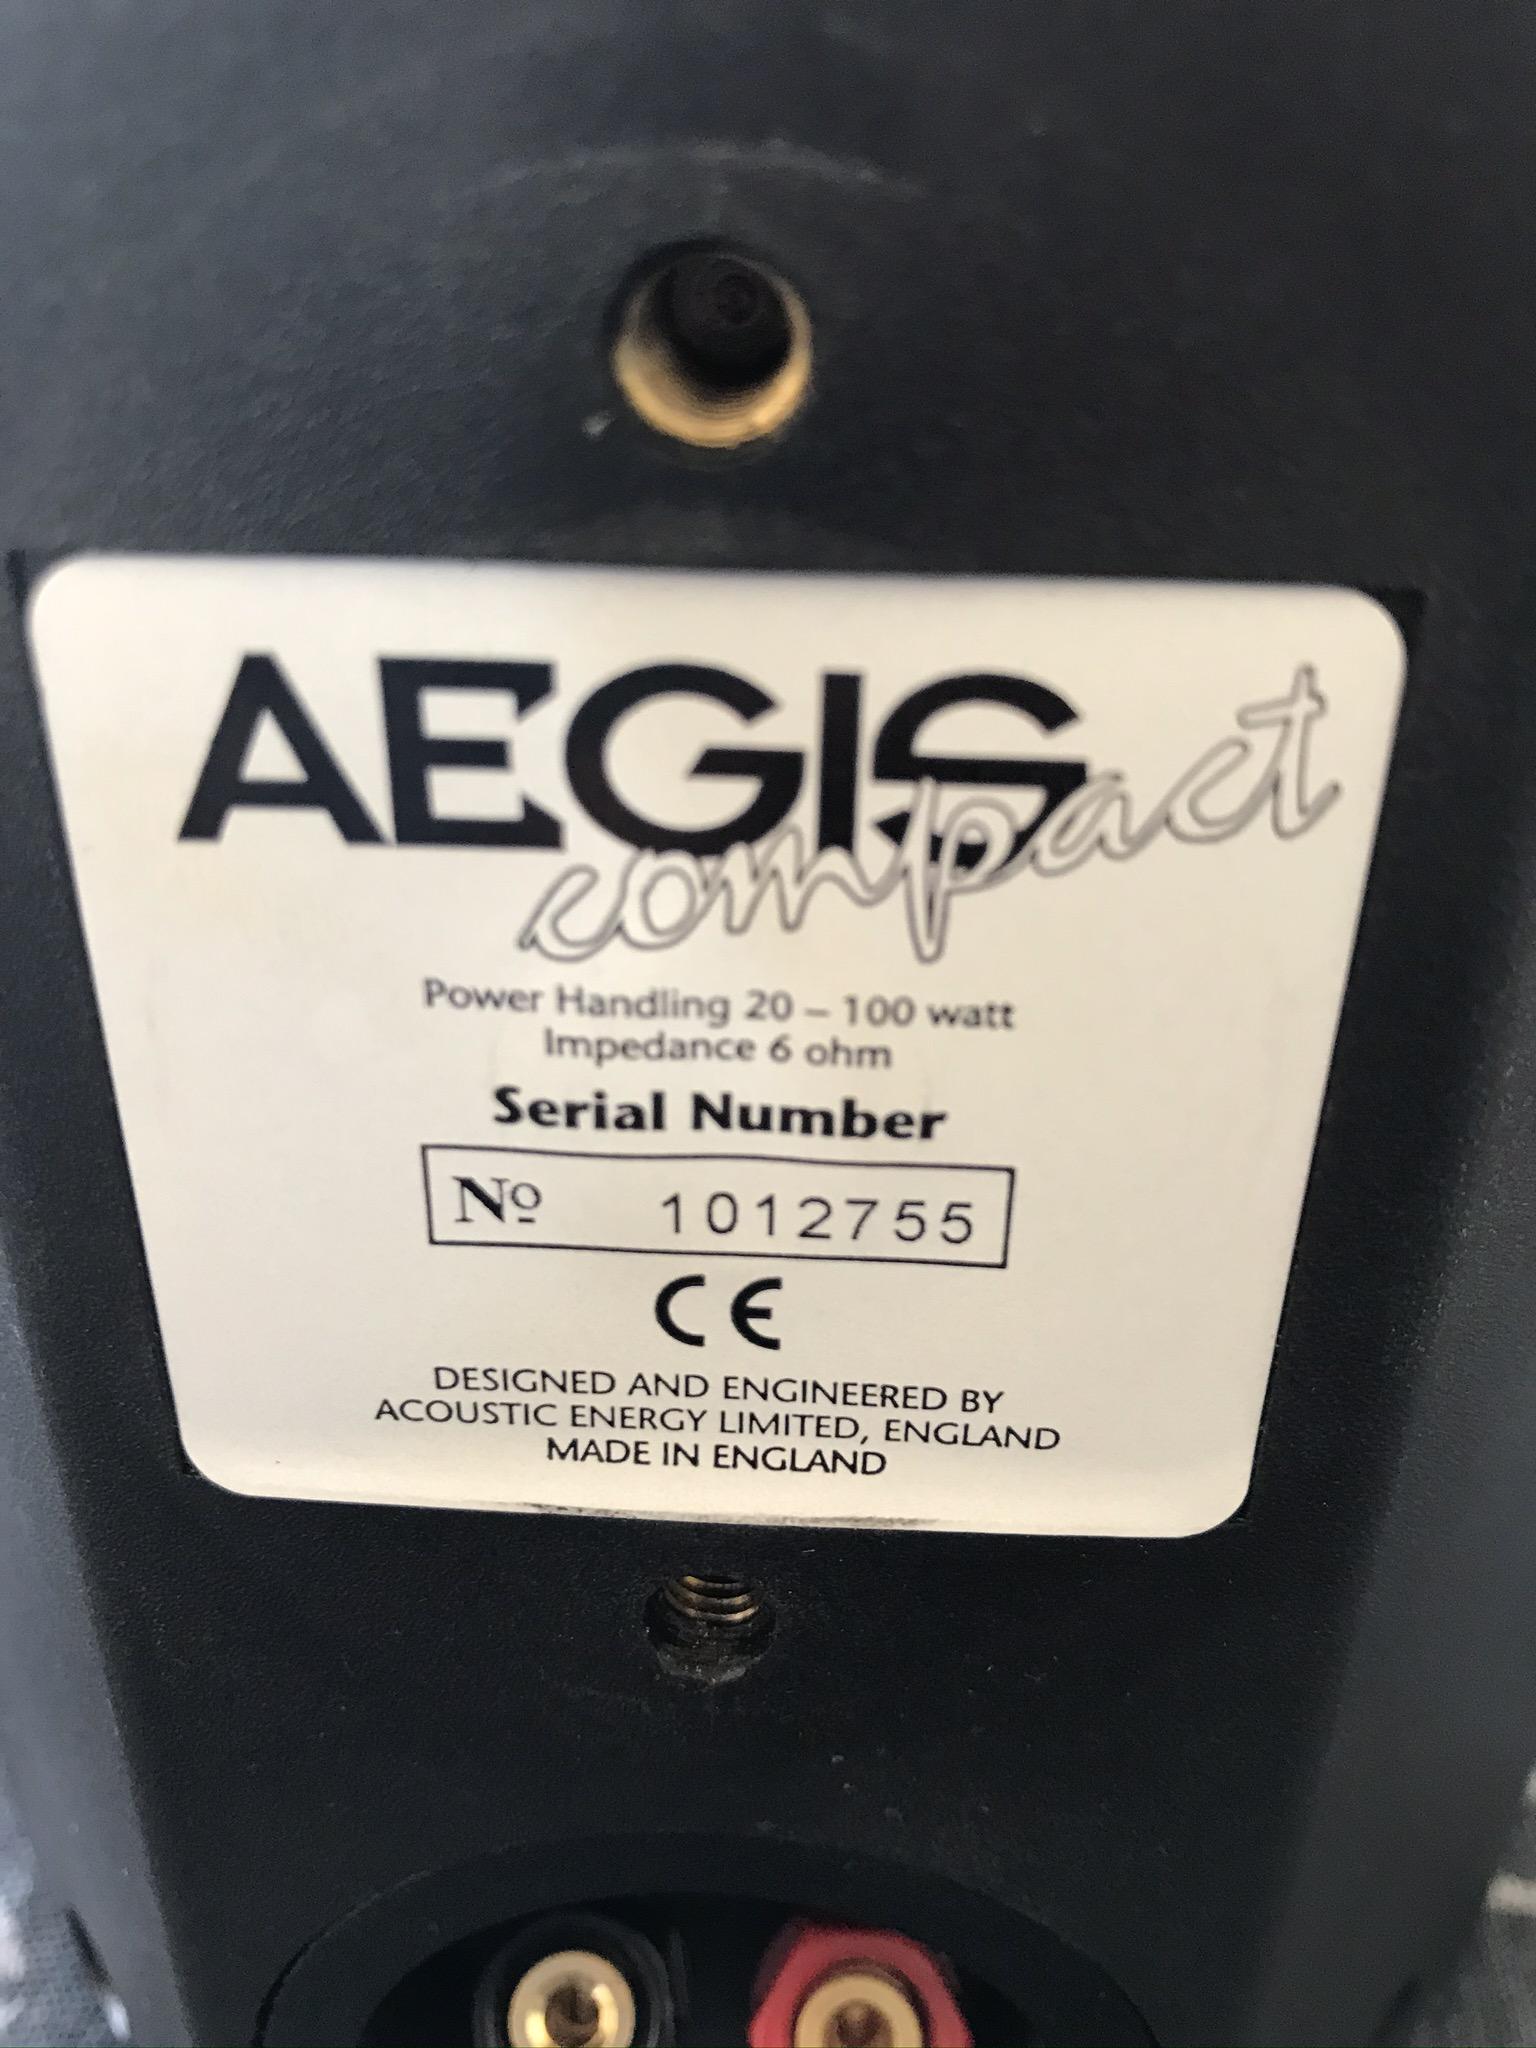 EAGIS Compact